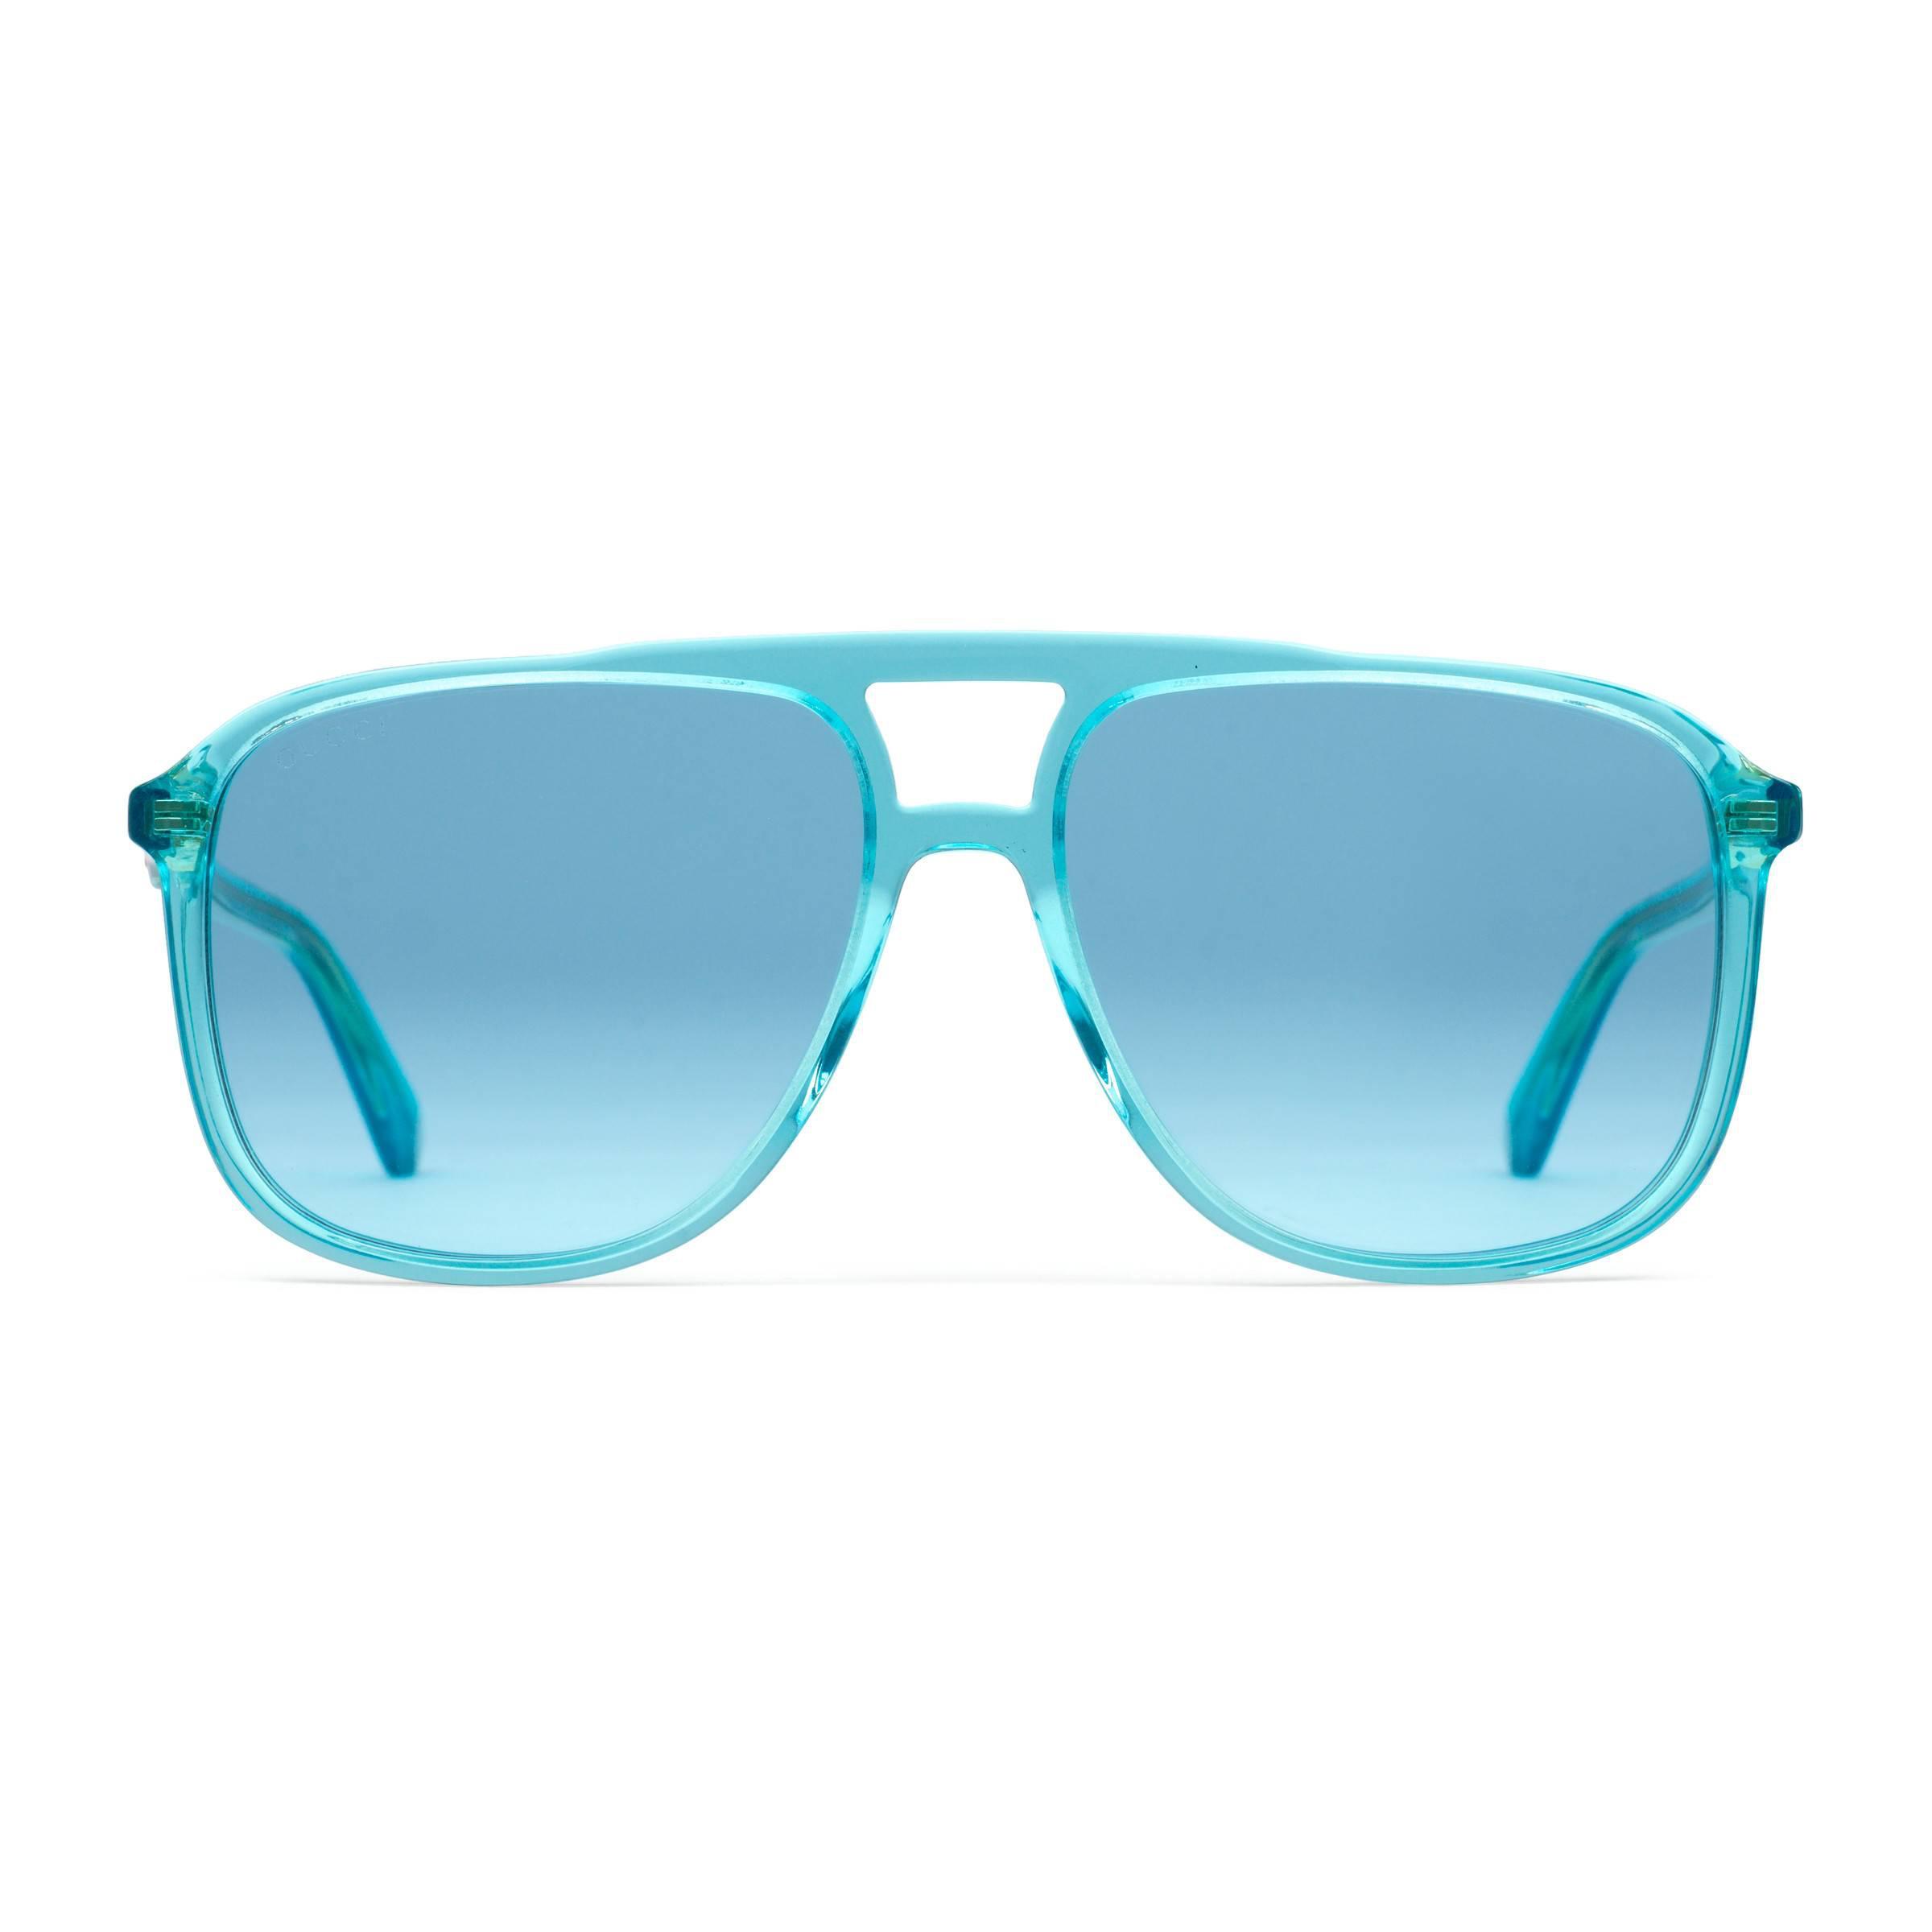 Gucci. Lunettes de soleil rectangulaires en acétate homme de coloris bleu 5ea5cbb05ea1